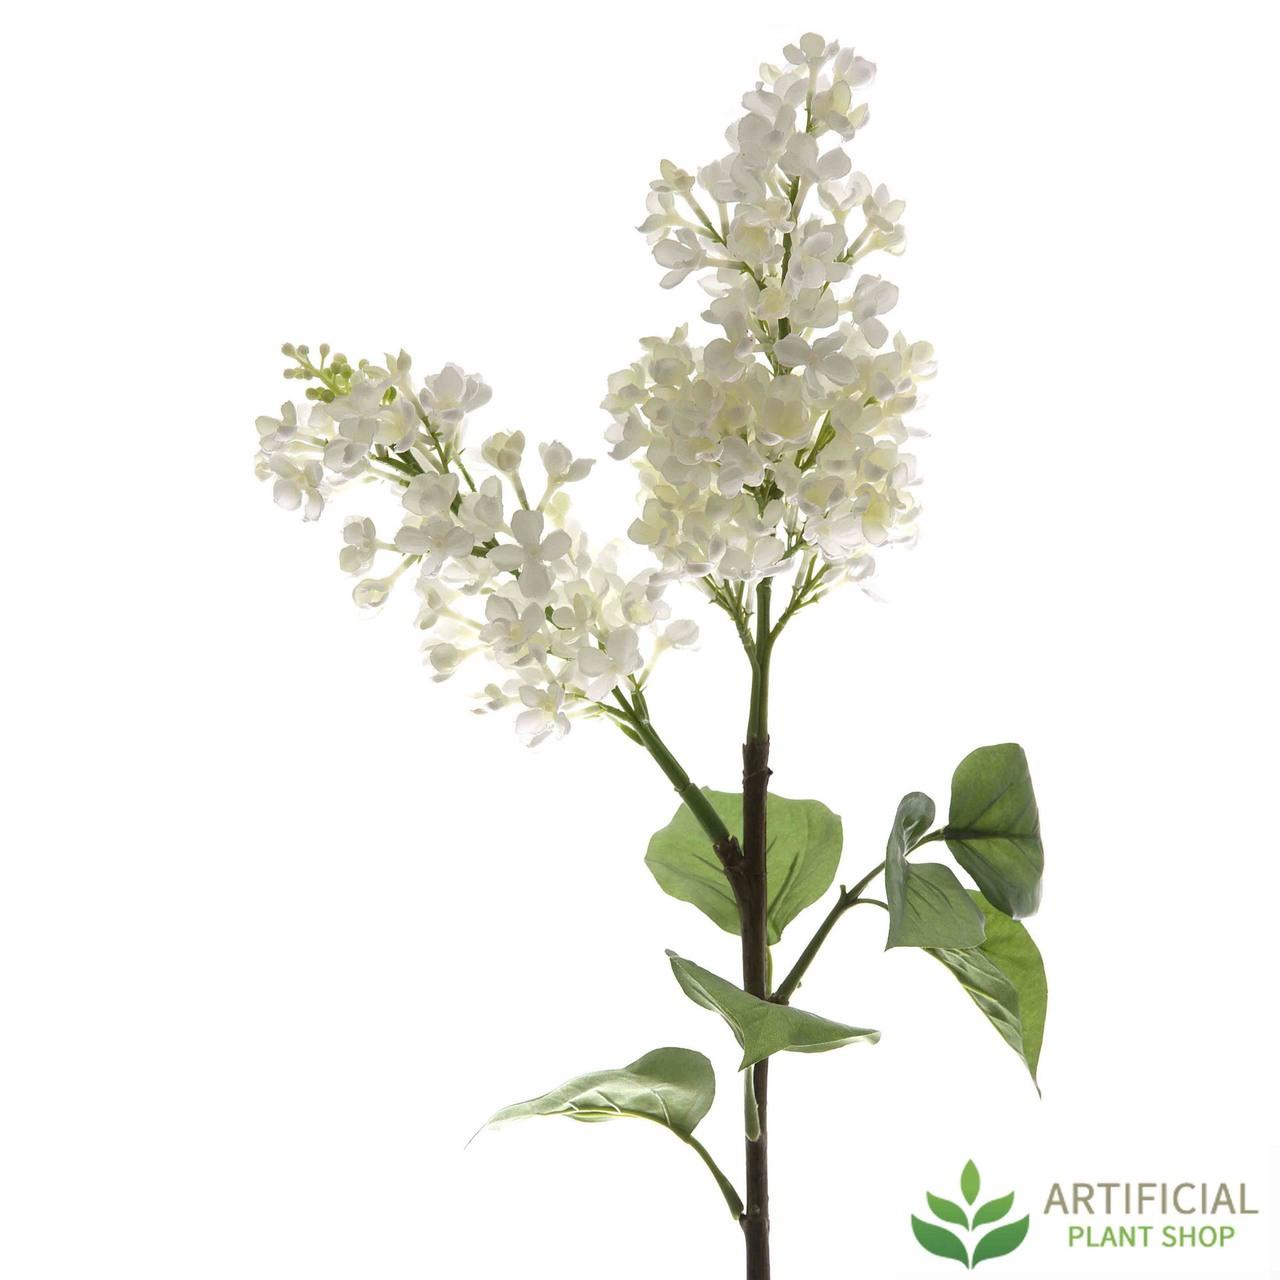 White lilac spray 80cm white lilac spray 80cm pack of 6 mightylinksfo